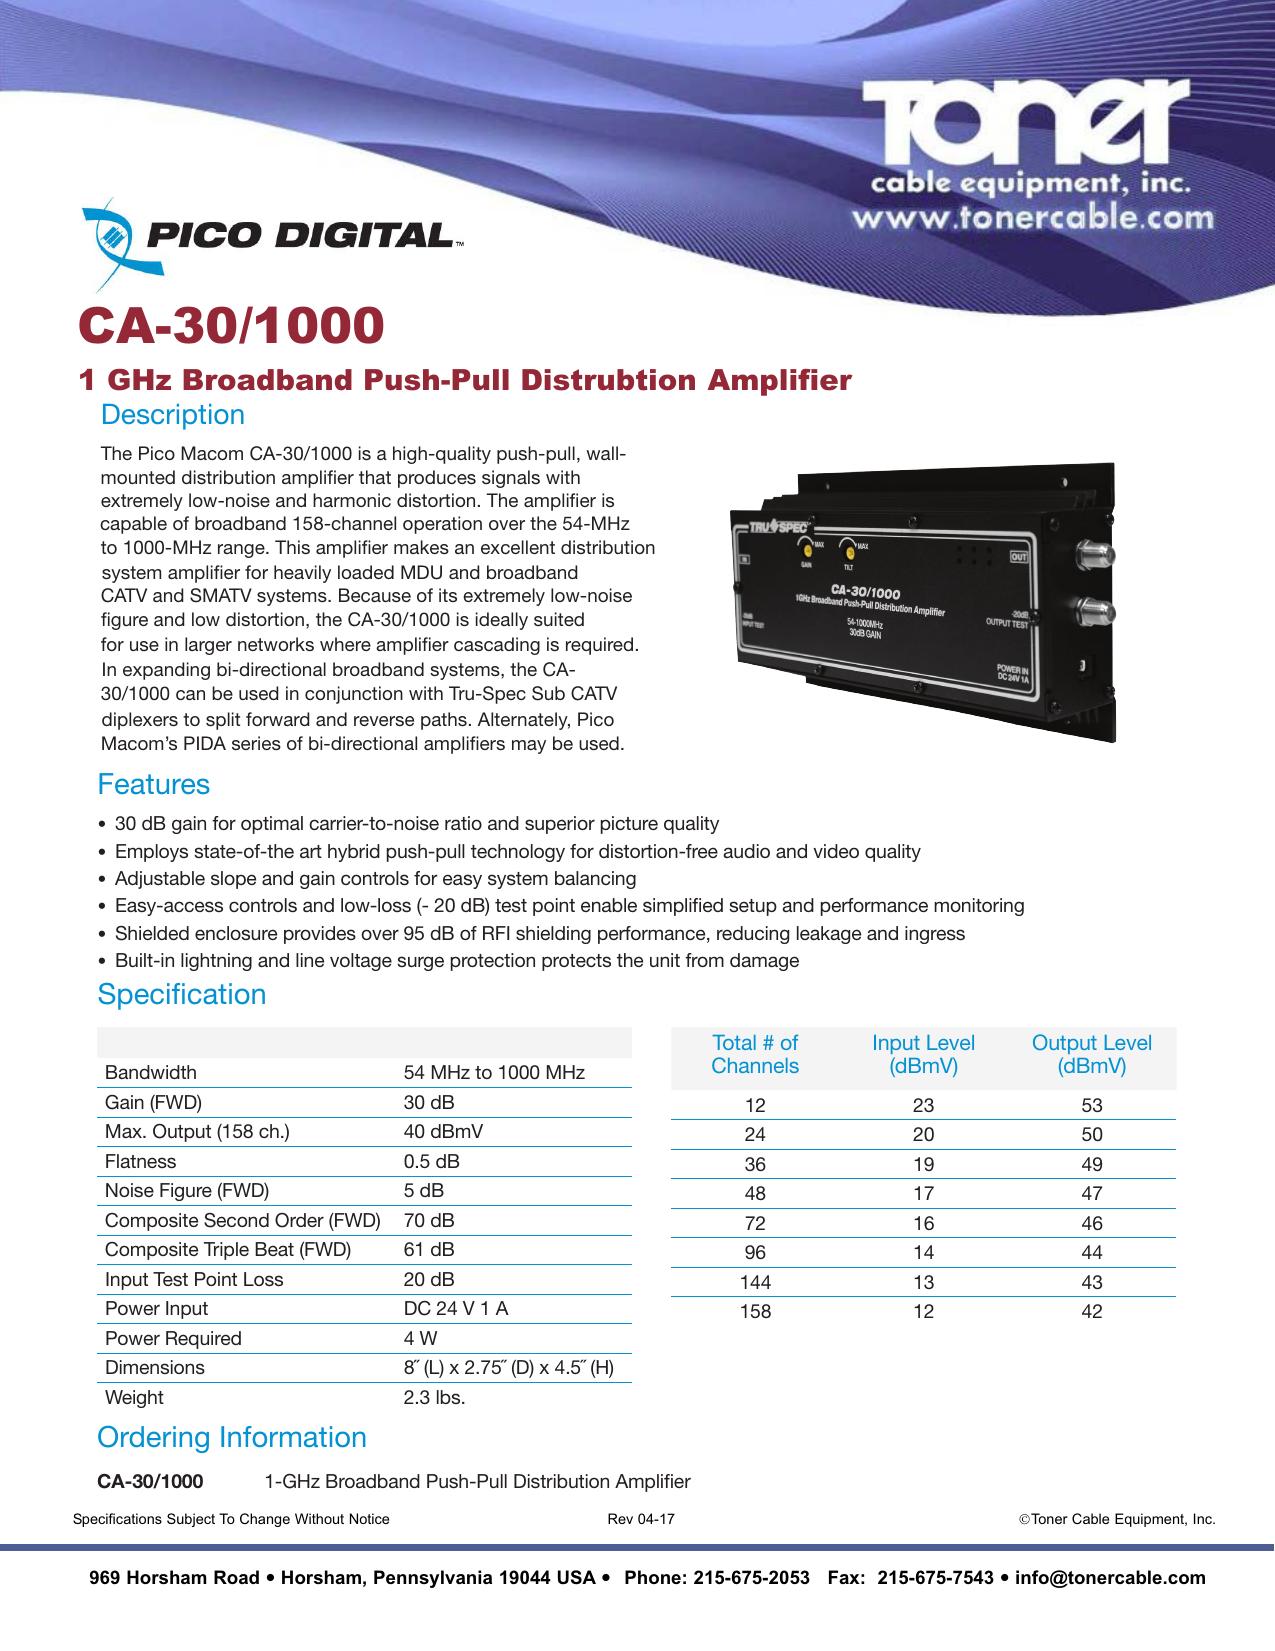 Pico Macom CA-30RK550-550MHZ Push-Pull Head End Amplifier